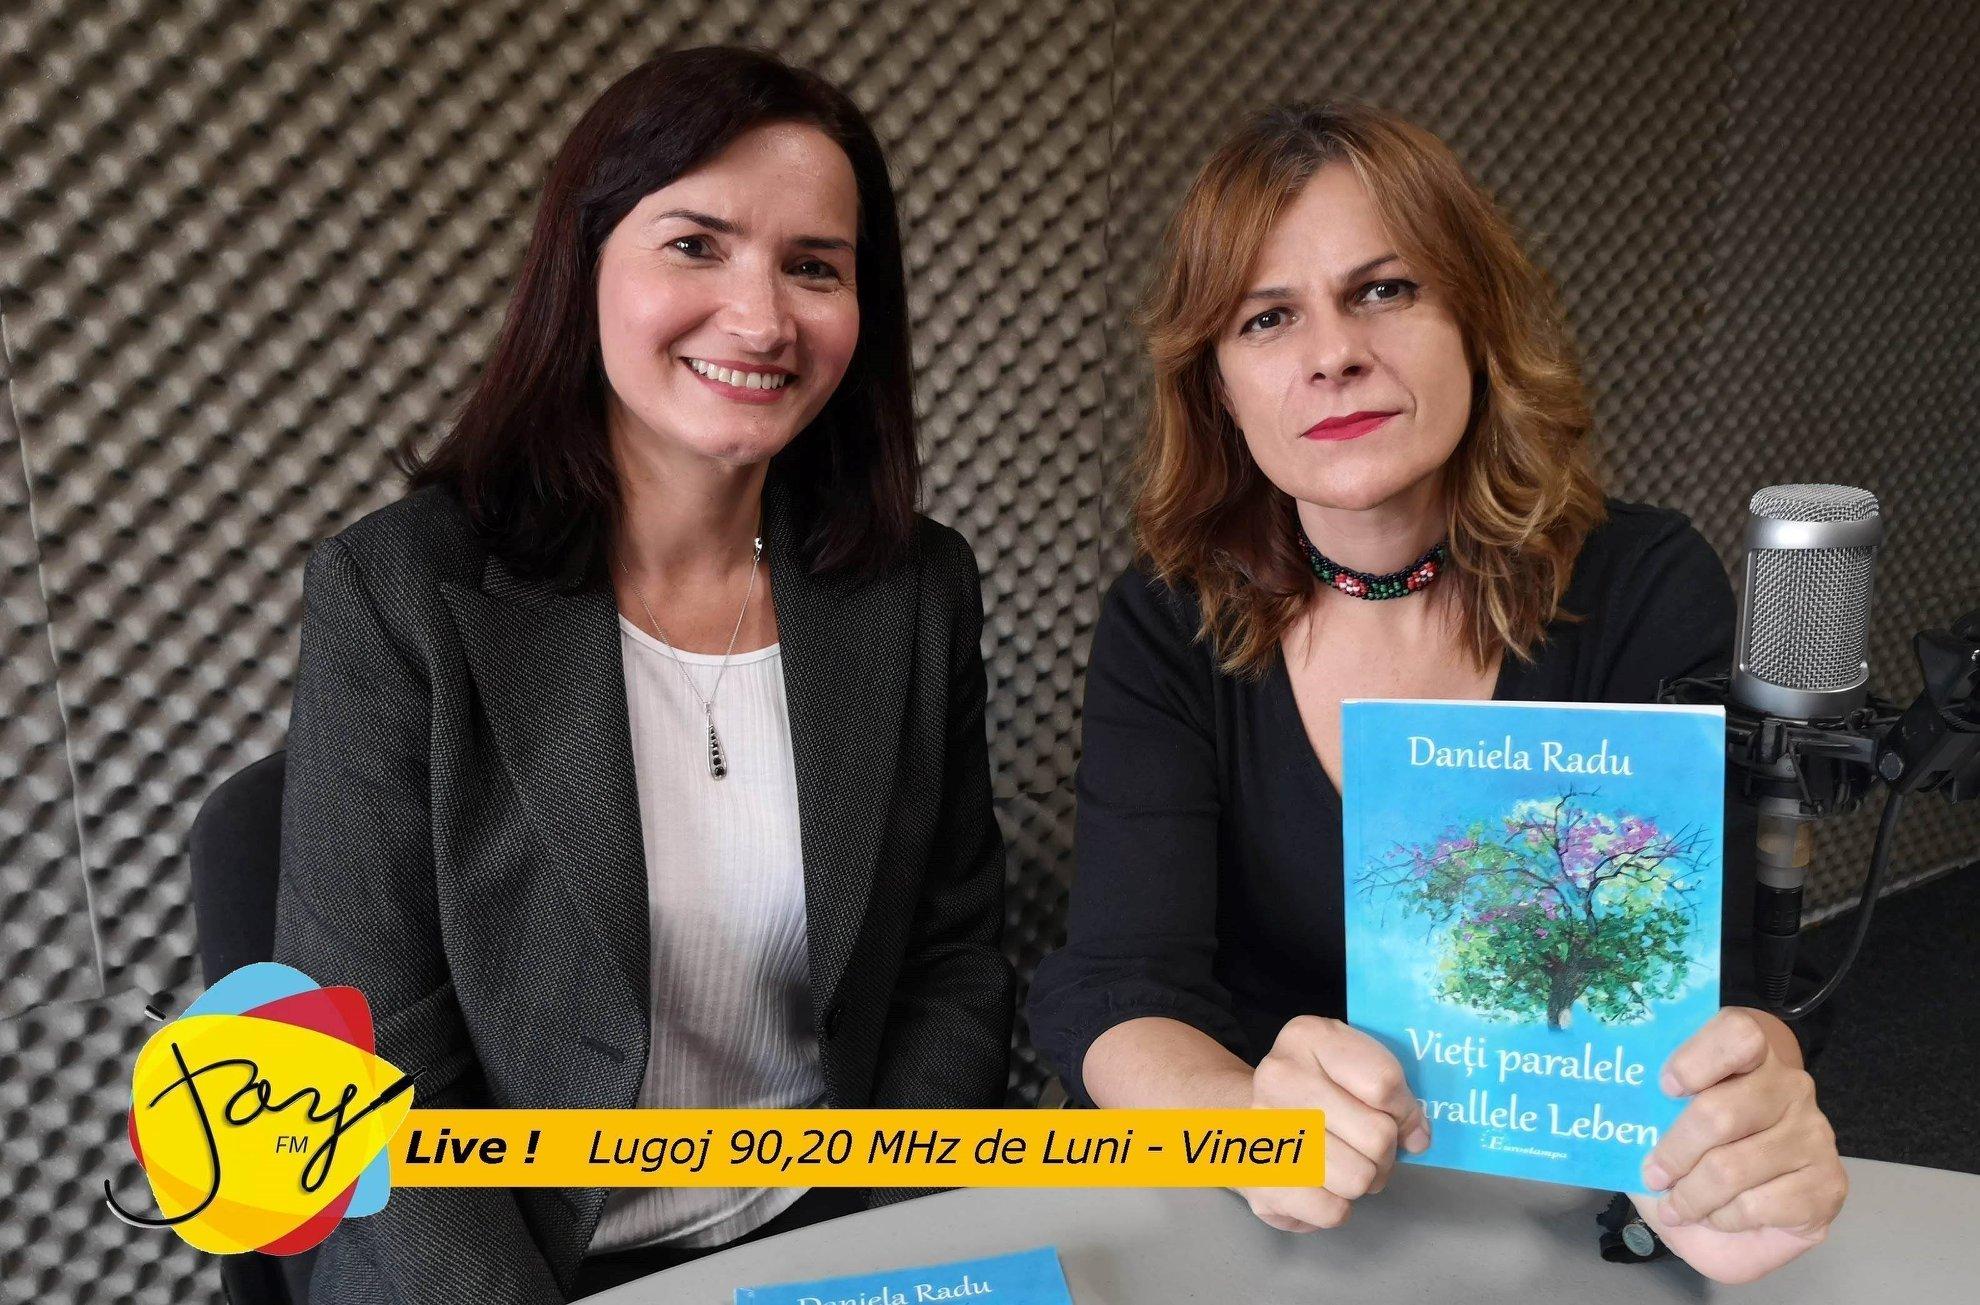 Invitată azi la Joy Live Daniela Radu despre volumul de poezii Vieți paralele/Parallele Leben